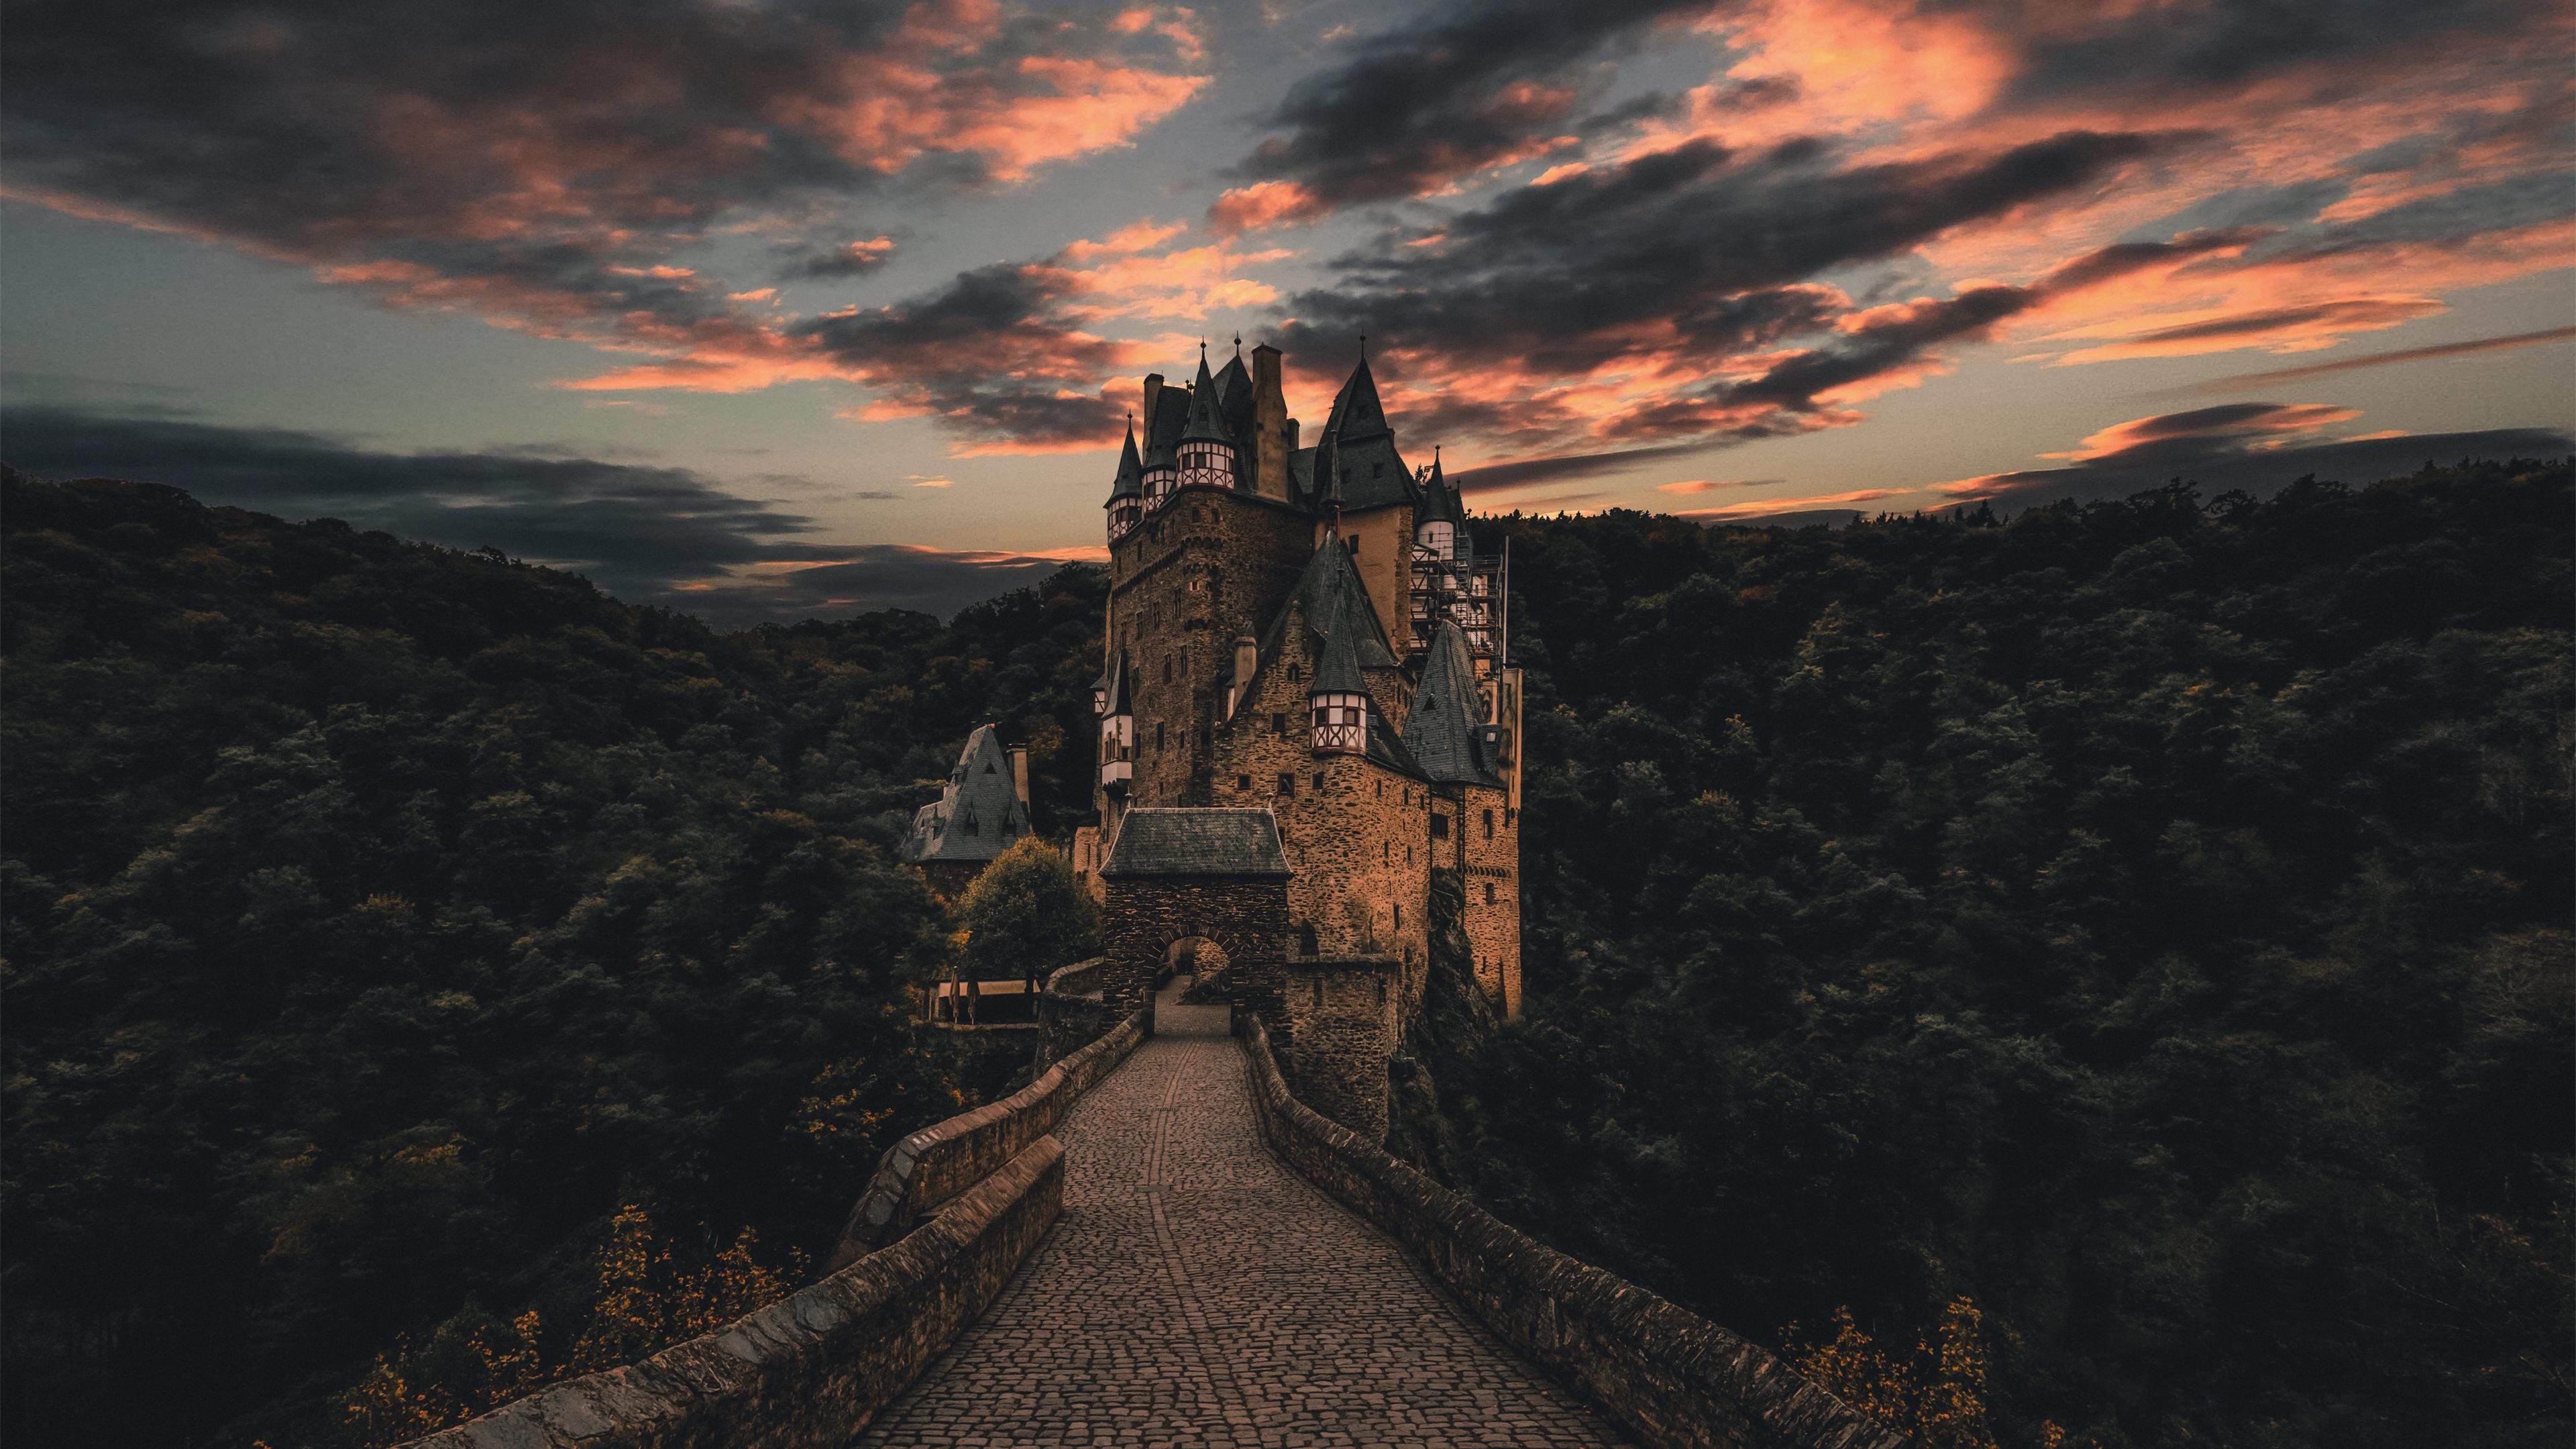 wierschem germany castle trail evening sky 4k 1538068046 - wierschem, germany, castle, trail, evening, sky 4k - wierschem, Germany, Castle